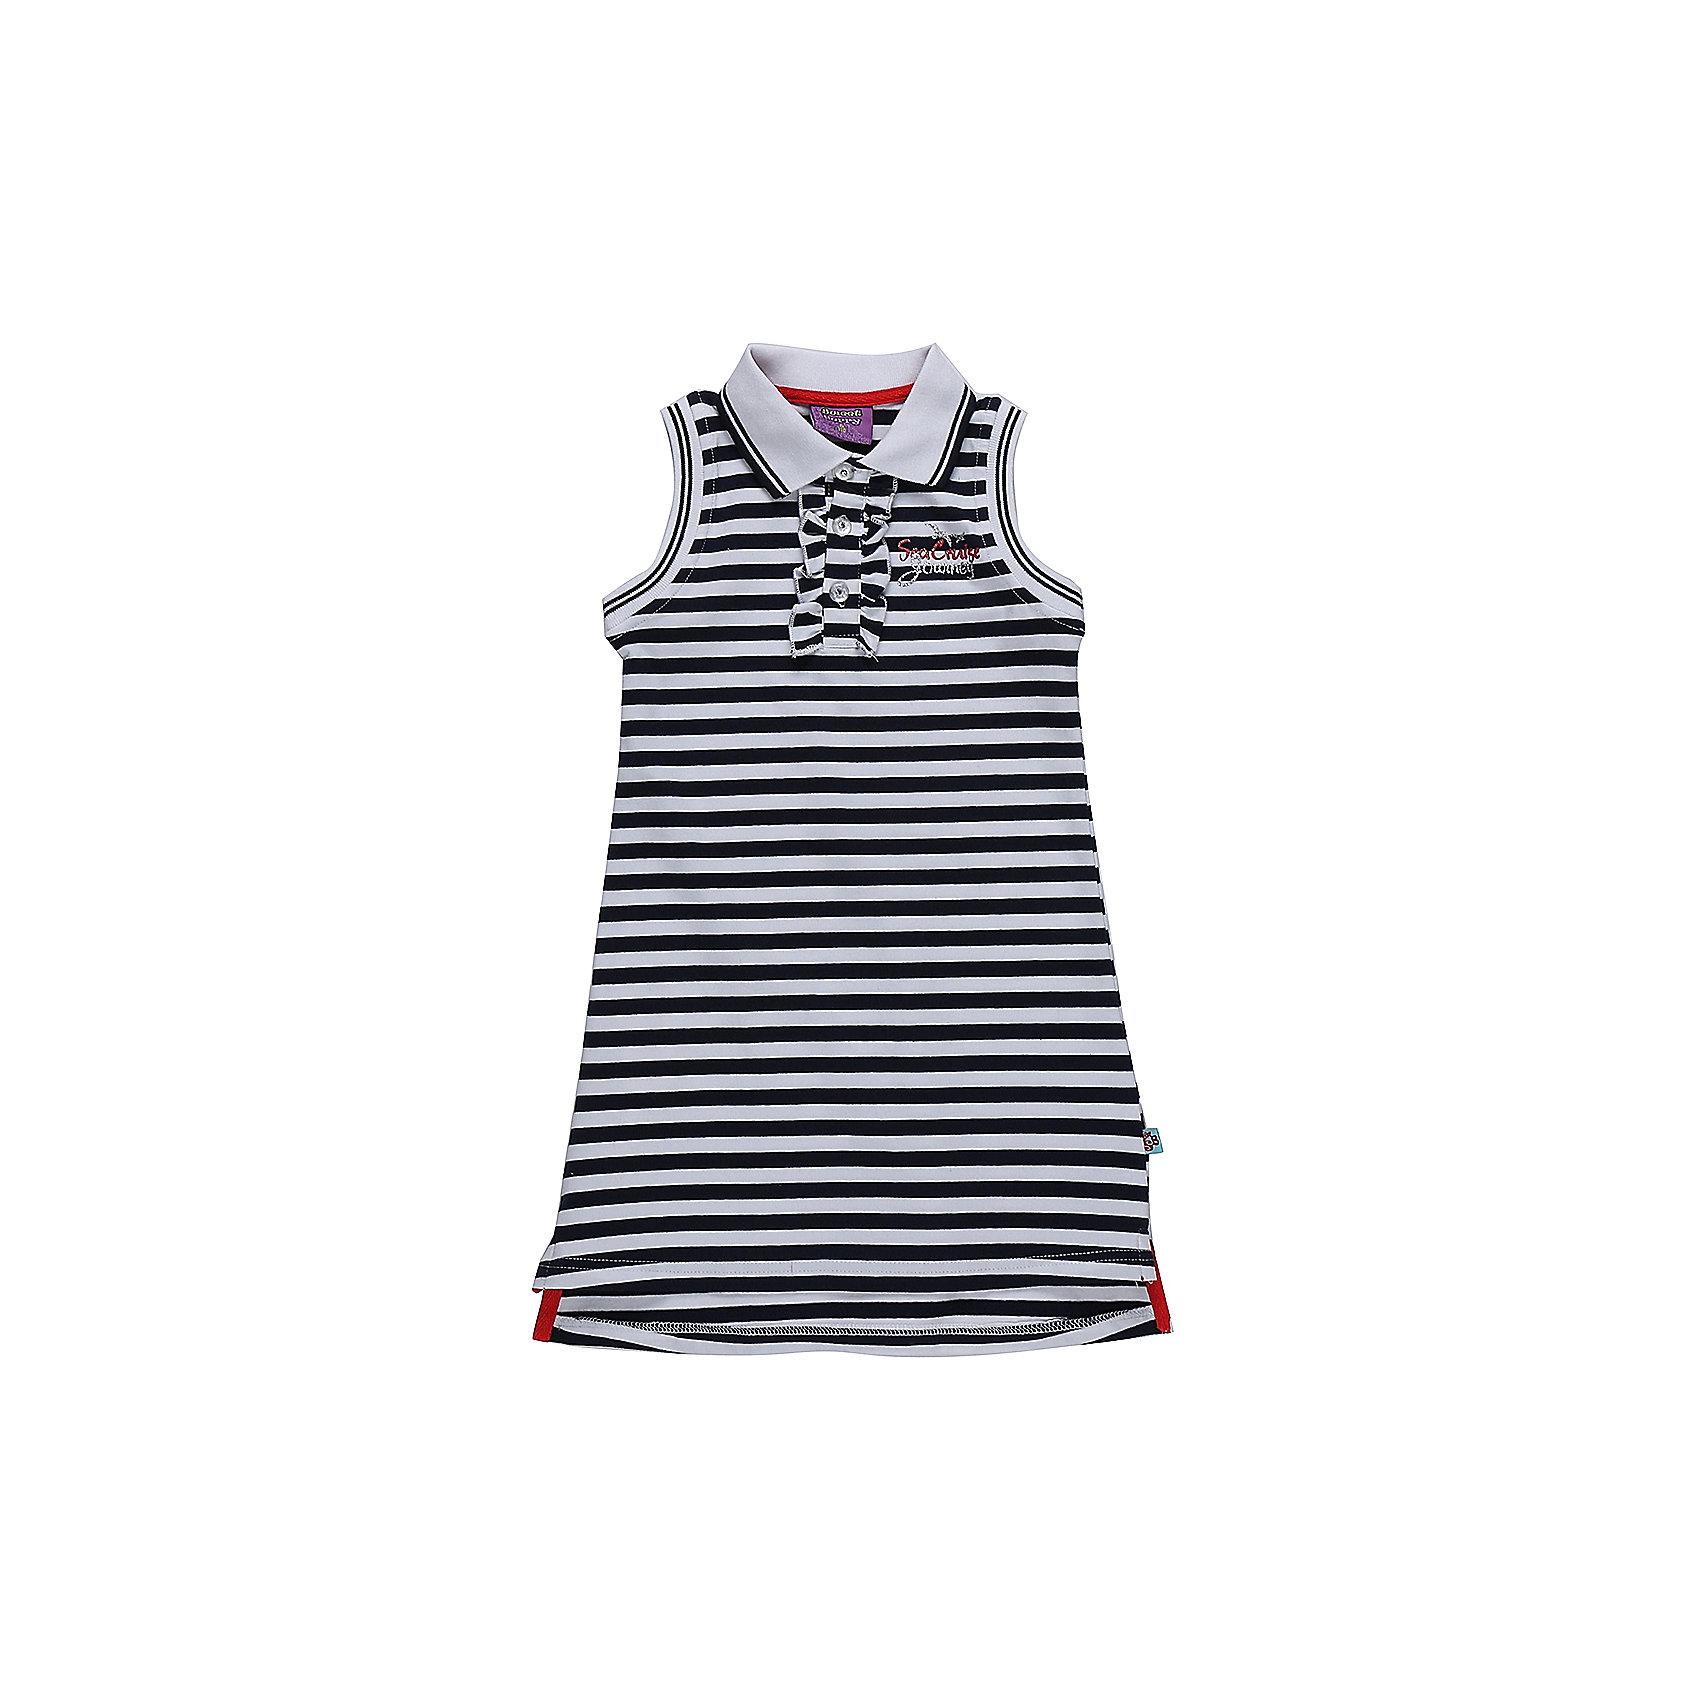 Платье для девочки Sweet BerryПлатья и сарафаны<br>Трикотажное платье для девочки без рукавов в полоску. Отложенный воротничок. Застегивается на пуговки.<br>Состав:<br>95%хлопок 5%эластан<br><br>Ширина мм: 236<br>Глубина мм: 16<br>Высота мм: 184<br>Вес г: 177<br>Цвет: белый<br>Возраст от месяцев: 36<br>Возраст до месяцев: 48<br>Пол: Женский<br>Возраст: Детский<br>Размер: 104,98,110,116,122,128<br>SKU: 5411983